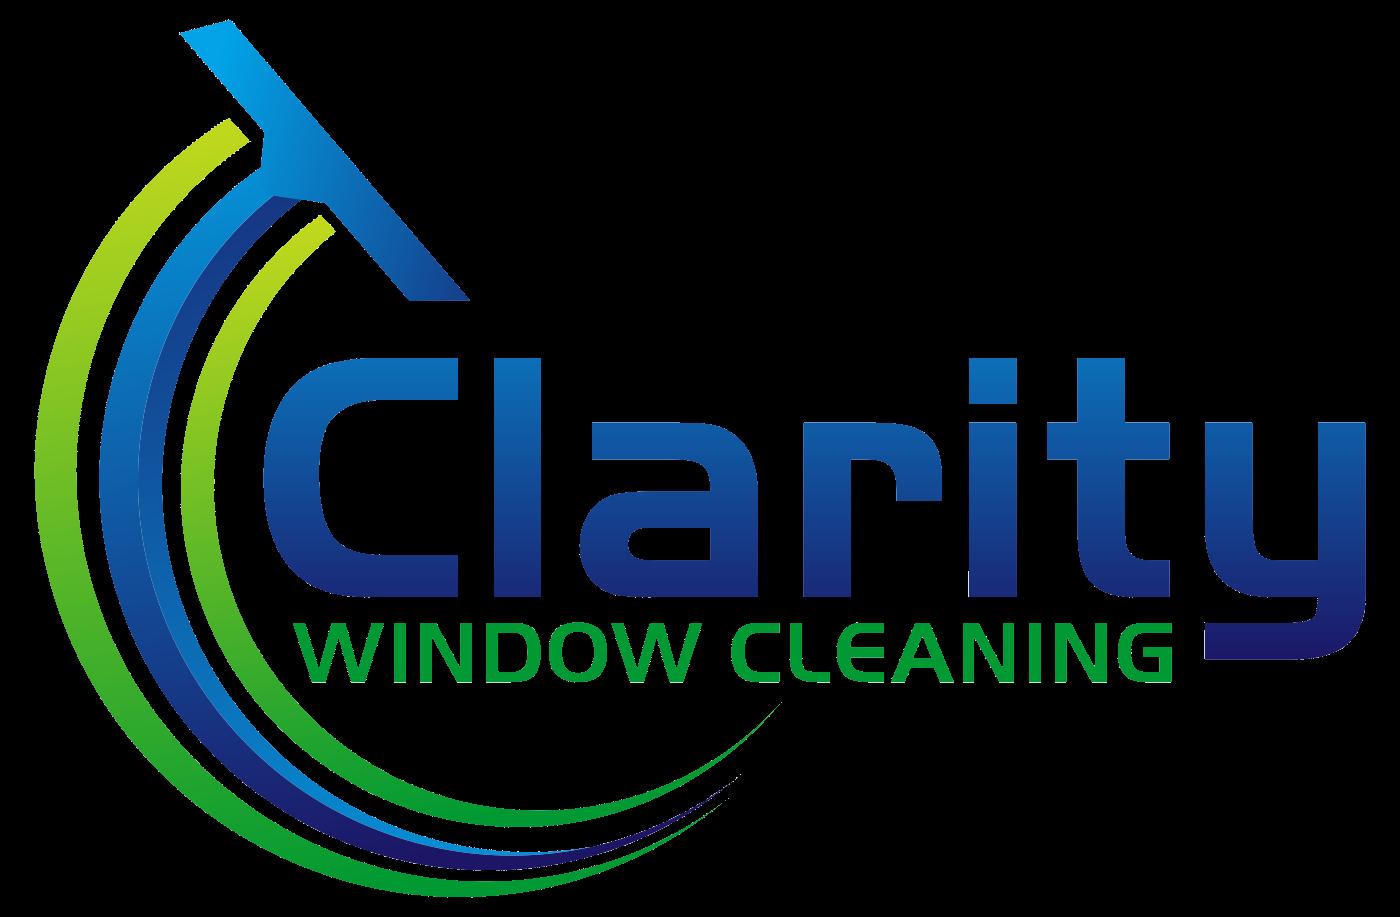 Clarity LLC